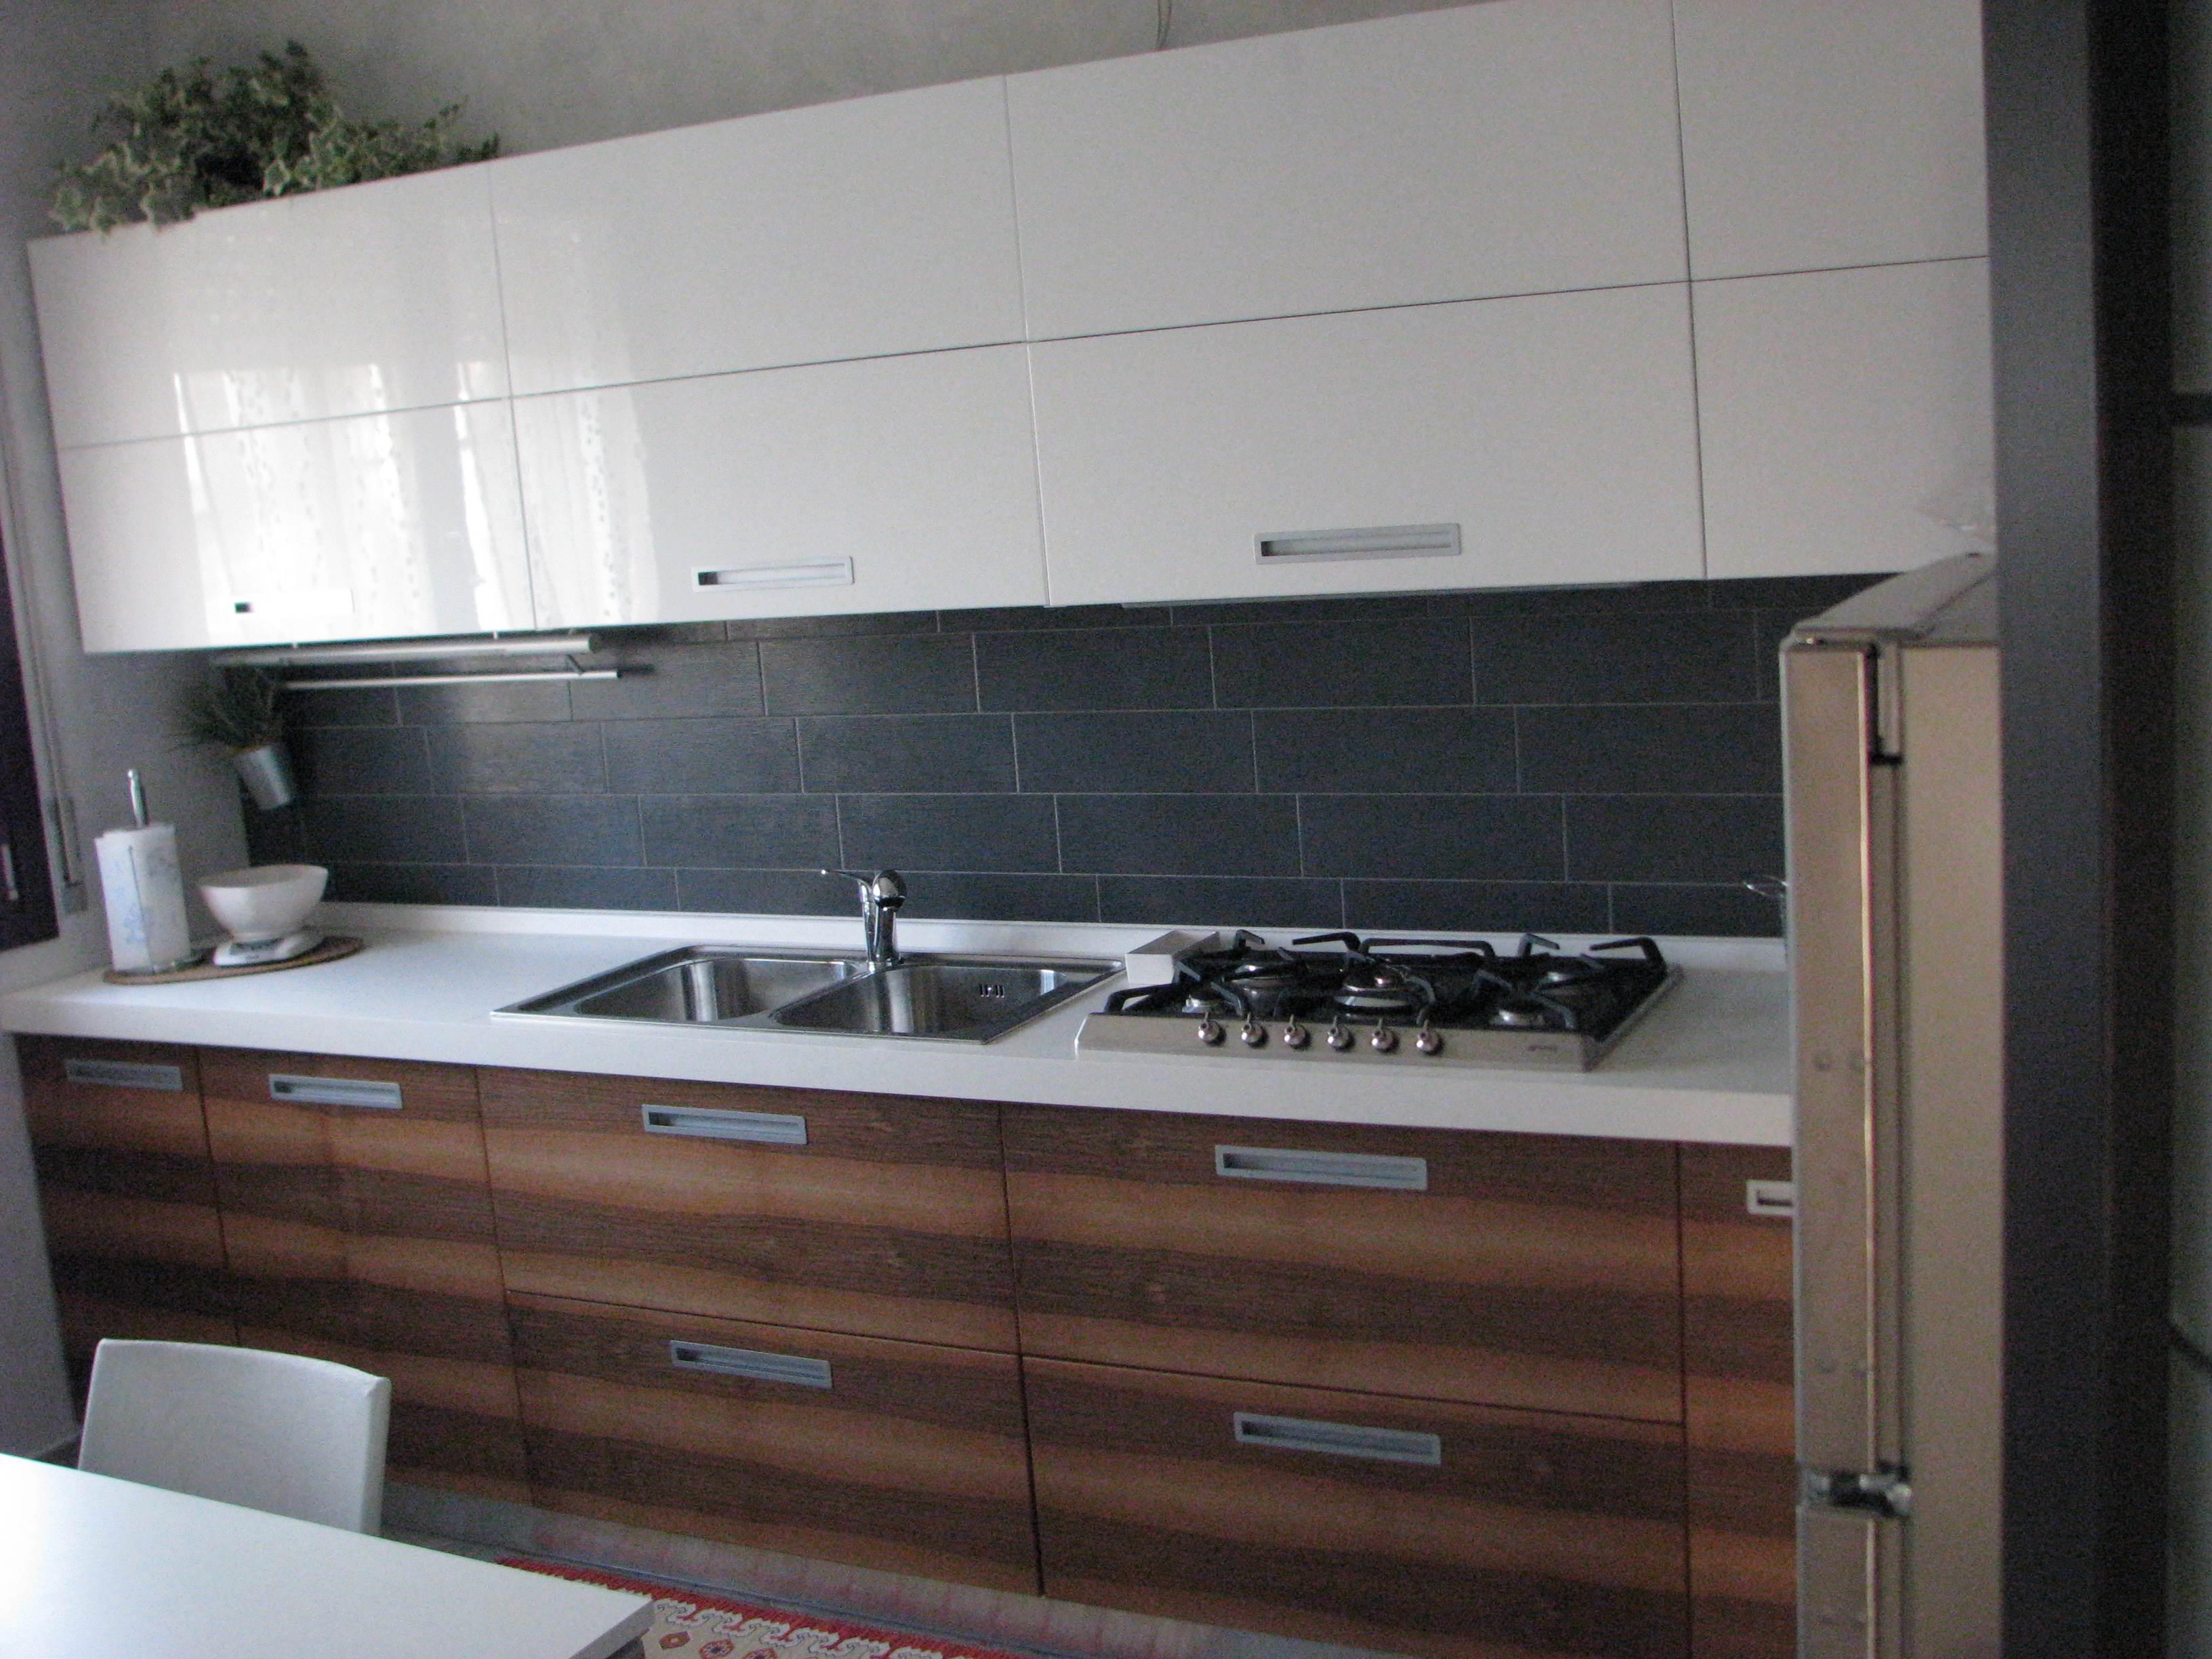 Cucine | Arredamenti su misura Mobilificio Piva arredamenti Adria ...